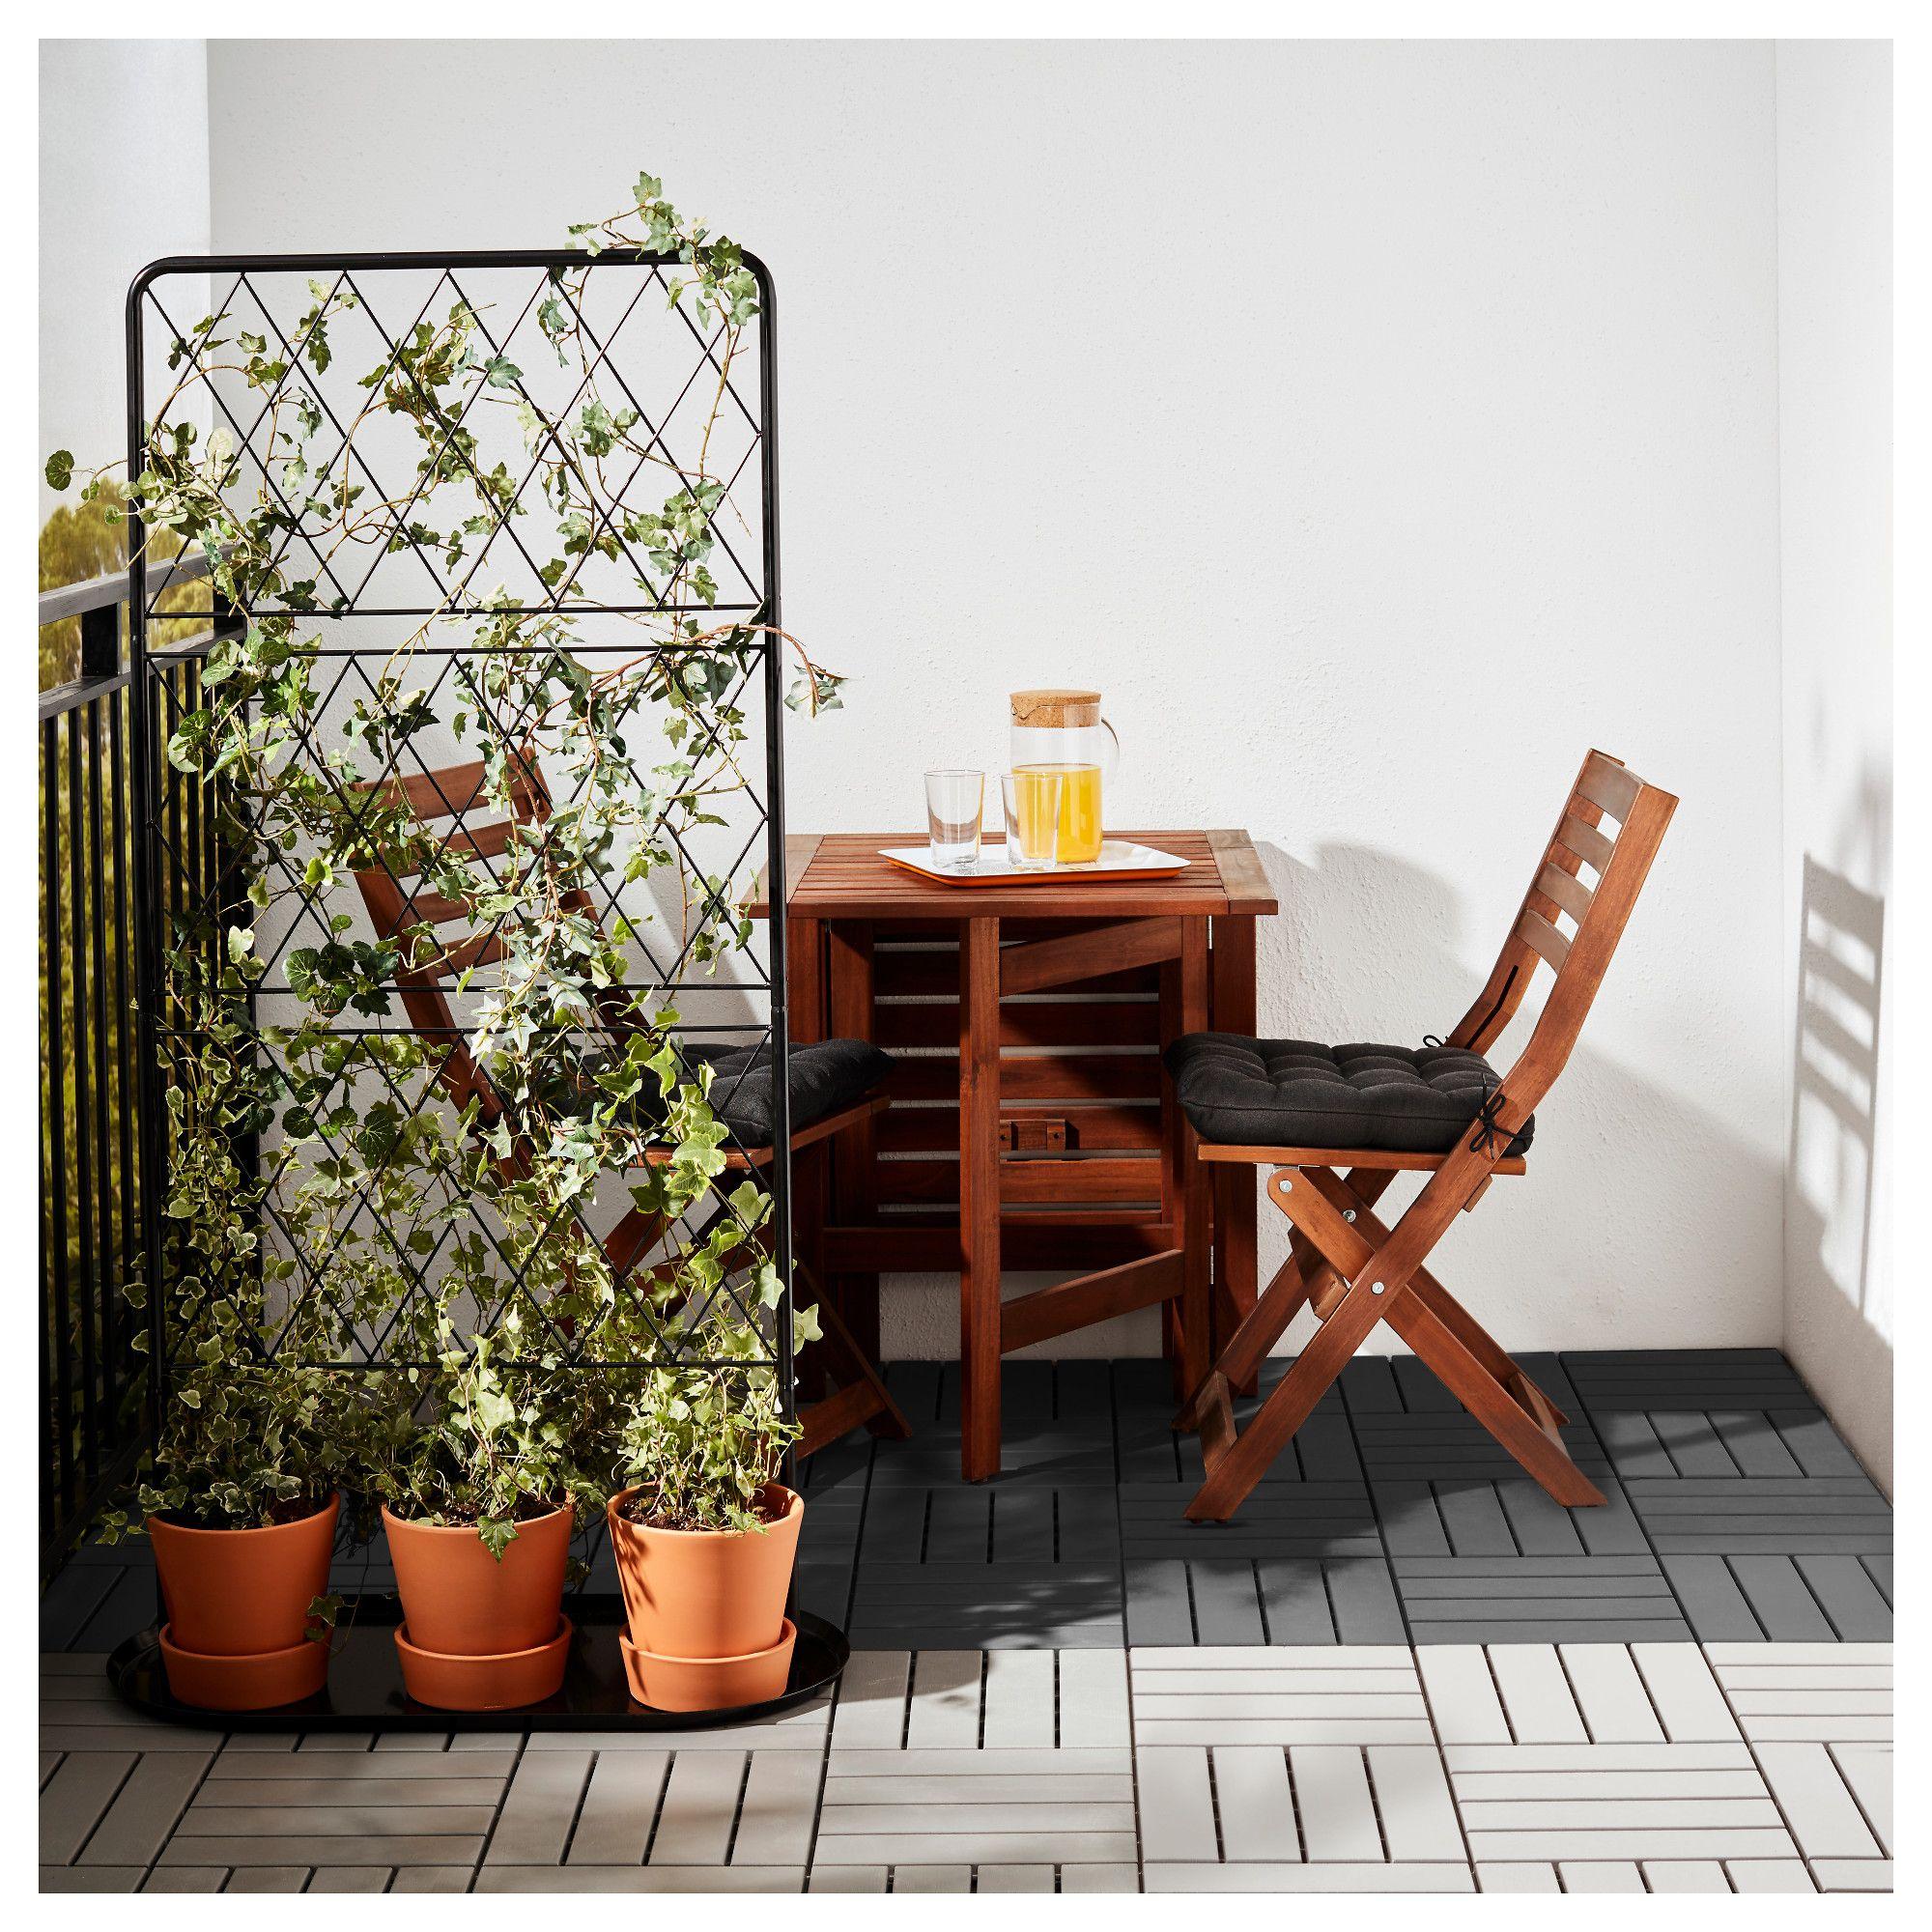 Full Size of Runnen Bodenrost Auen Dunkelgrau Auenbden Ikea Küche Kosten Modulküche Garten Paravent Kaufen Sofa Mit Schlaffunktion Miniküche Betten Bei 160x200 Wohnzimmer Paravent Balkon Ikea